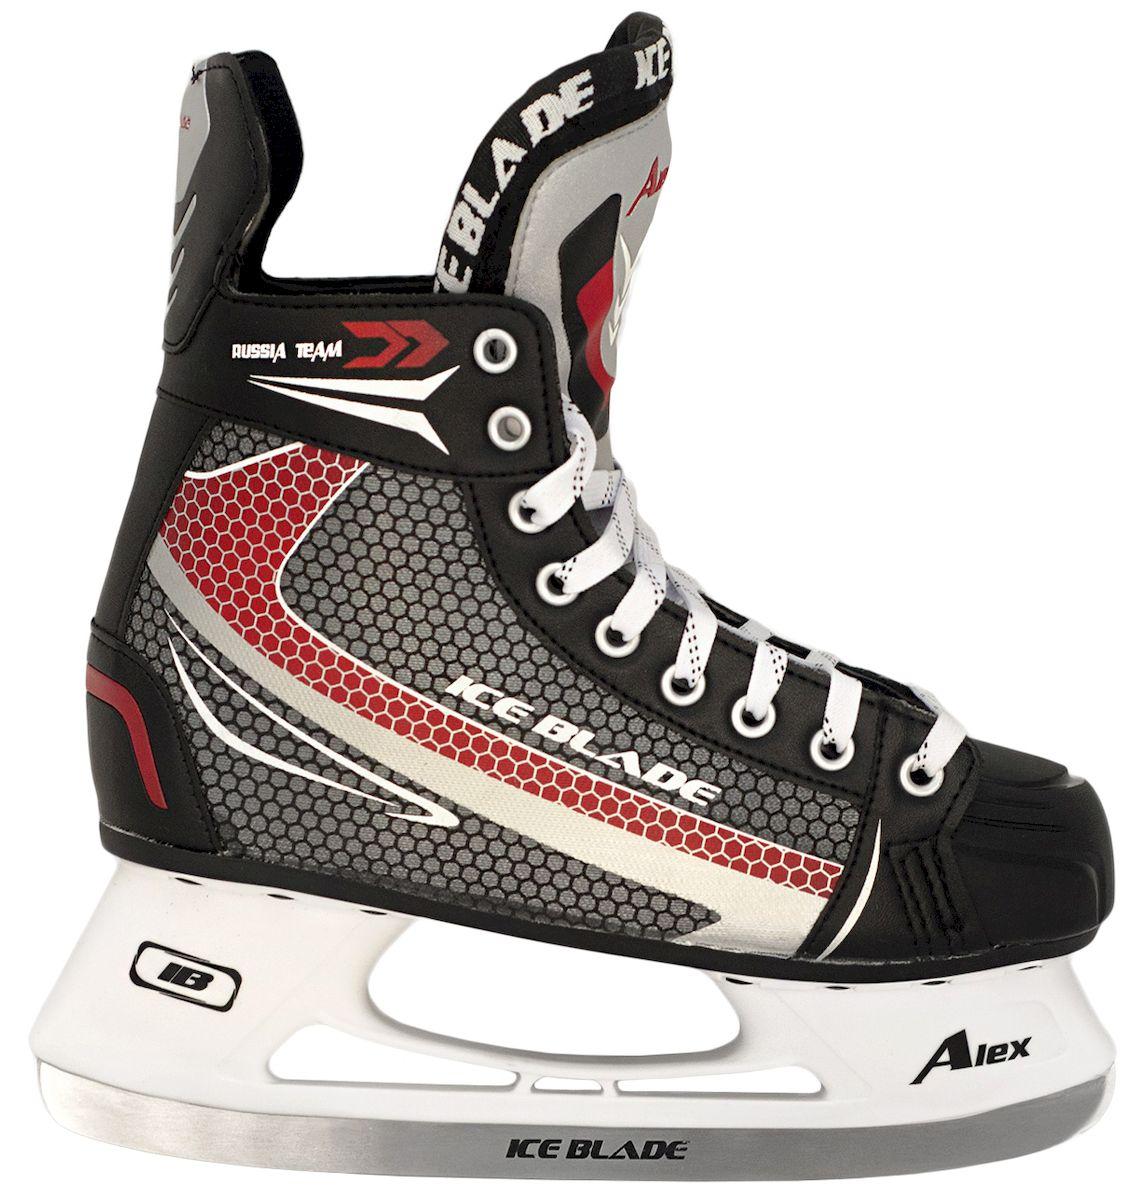 Коньки хоккейные Ice Blade Alex New, цвет: черный, красный, серый. УТ-00006868. Размер 42